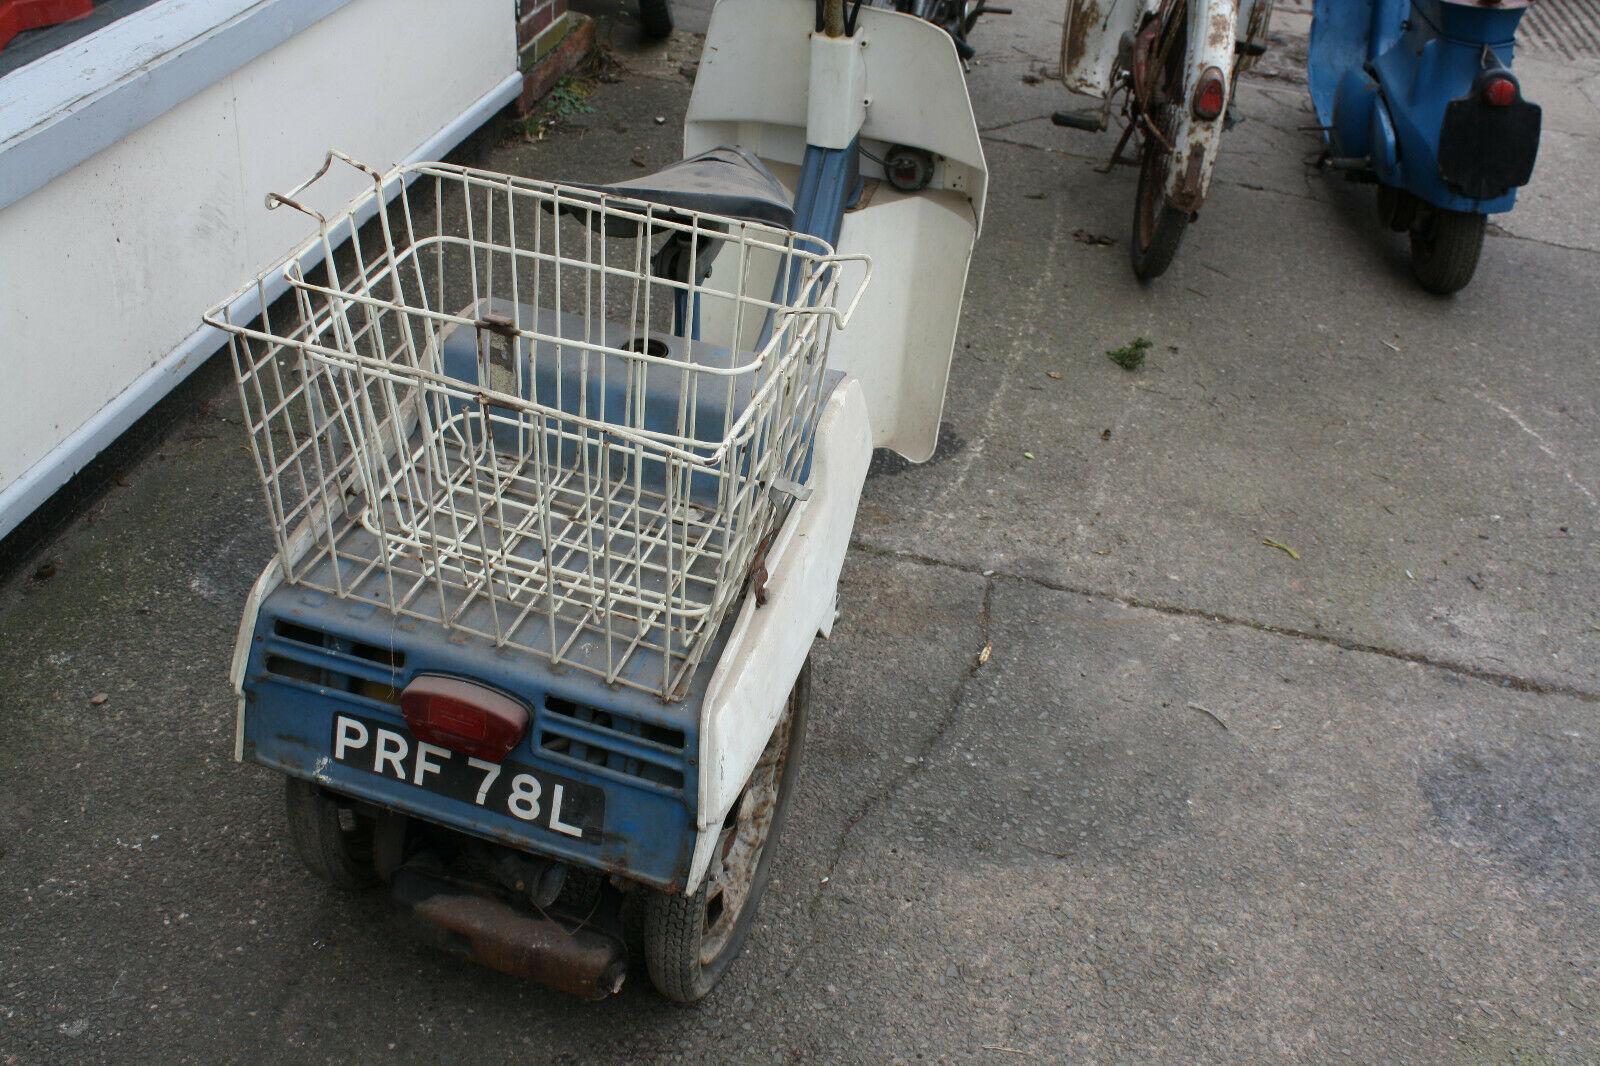 PRF 78 L